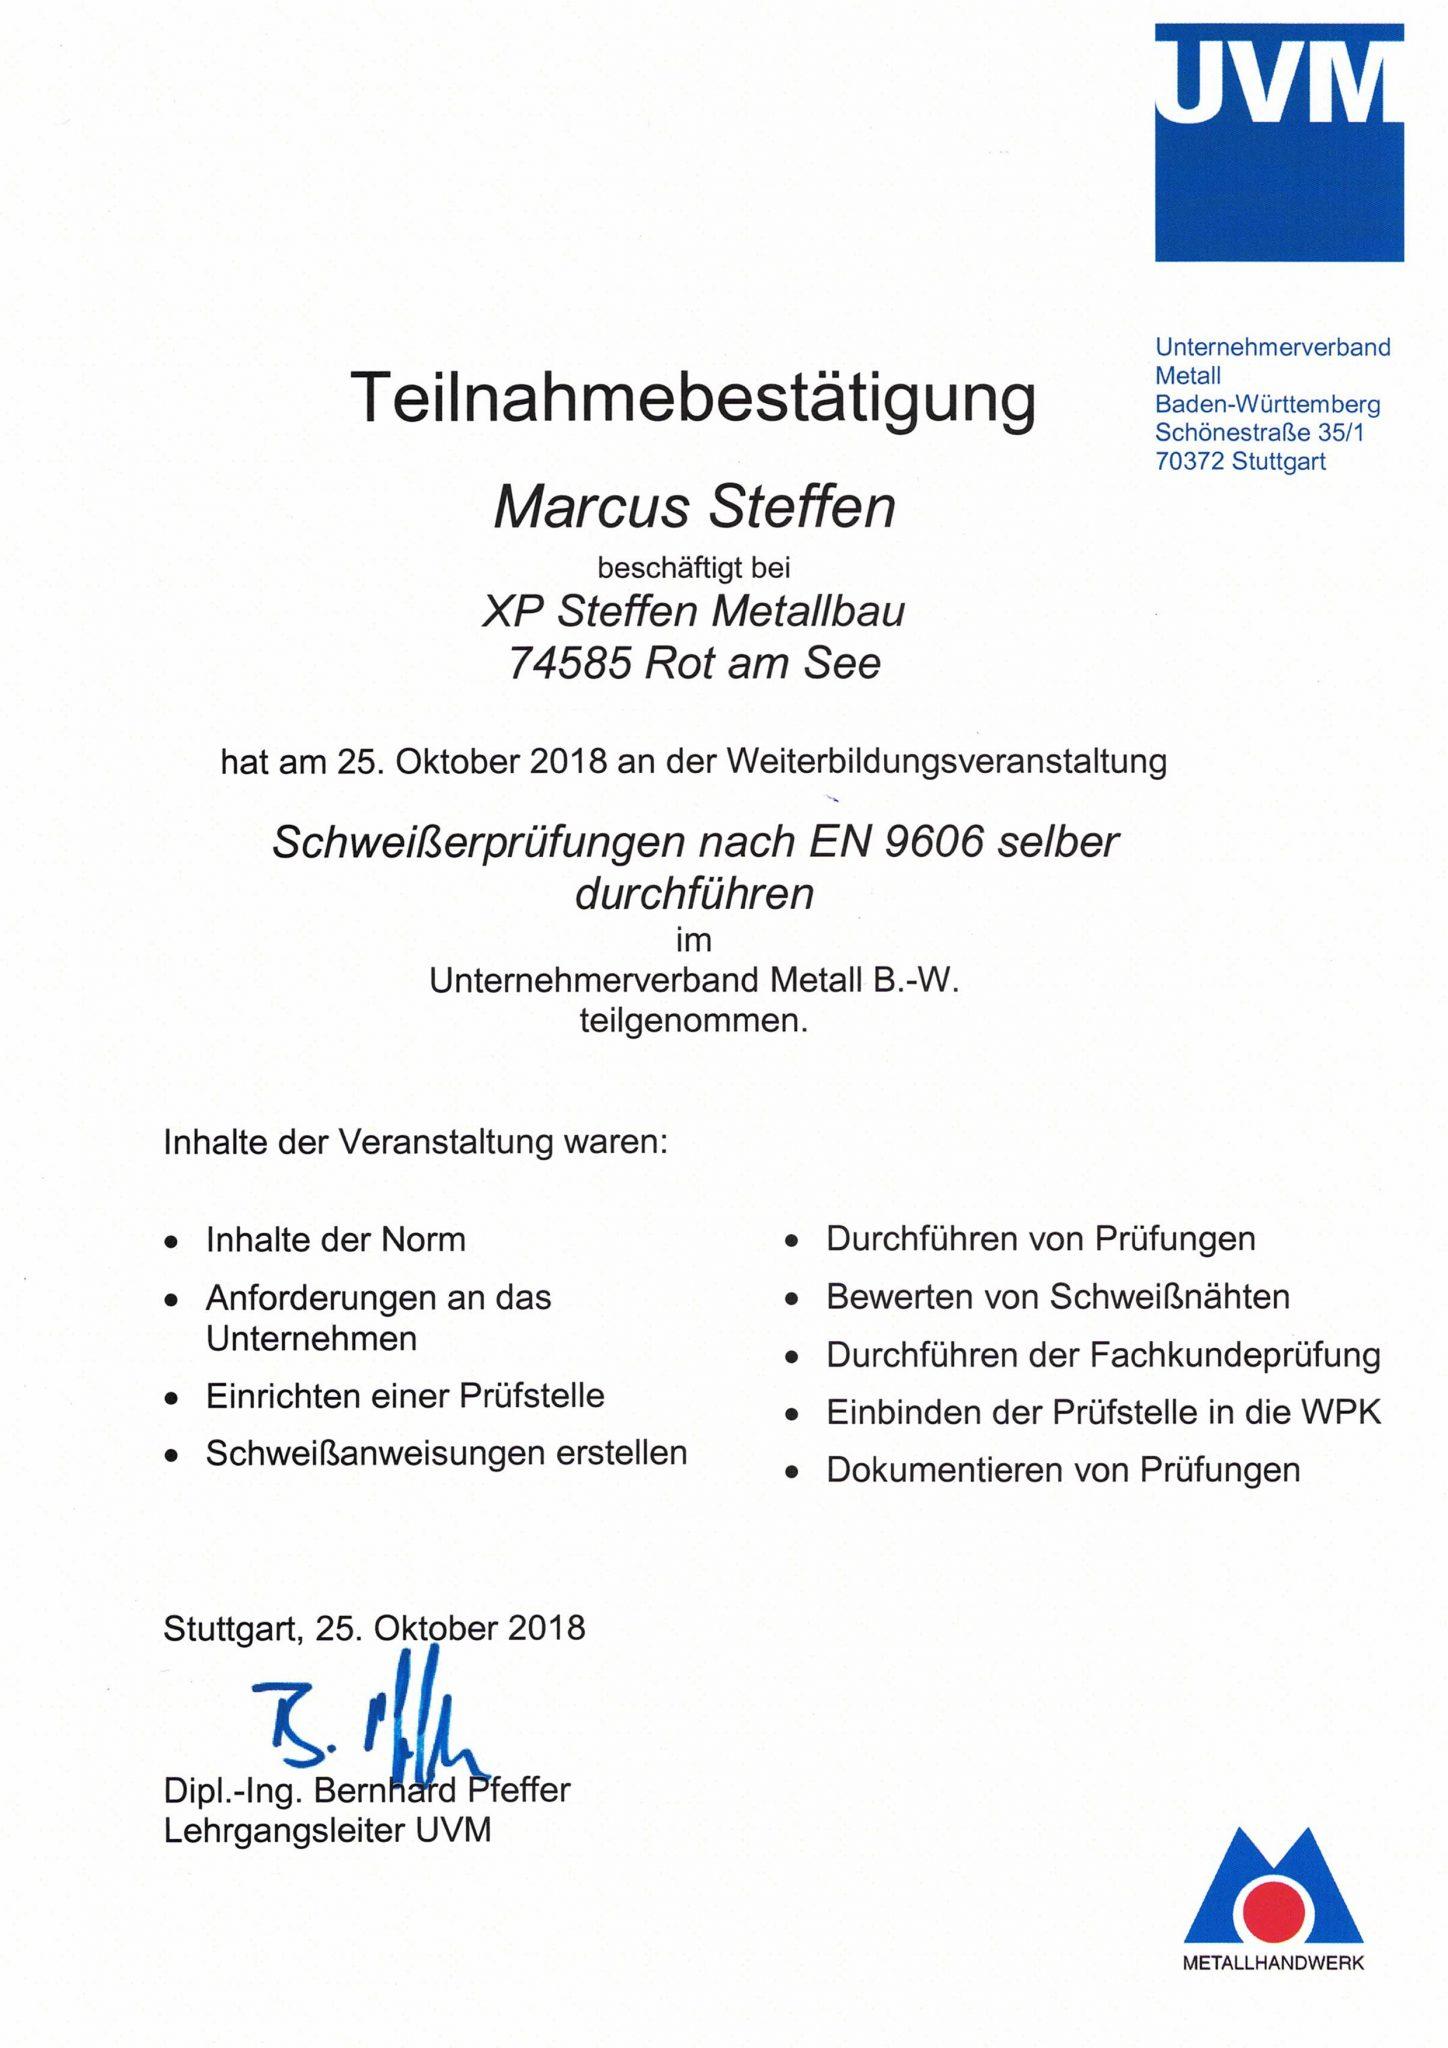 Zertifikat Abnahme und Ausstellung von Schweißerprüfungen